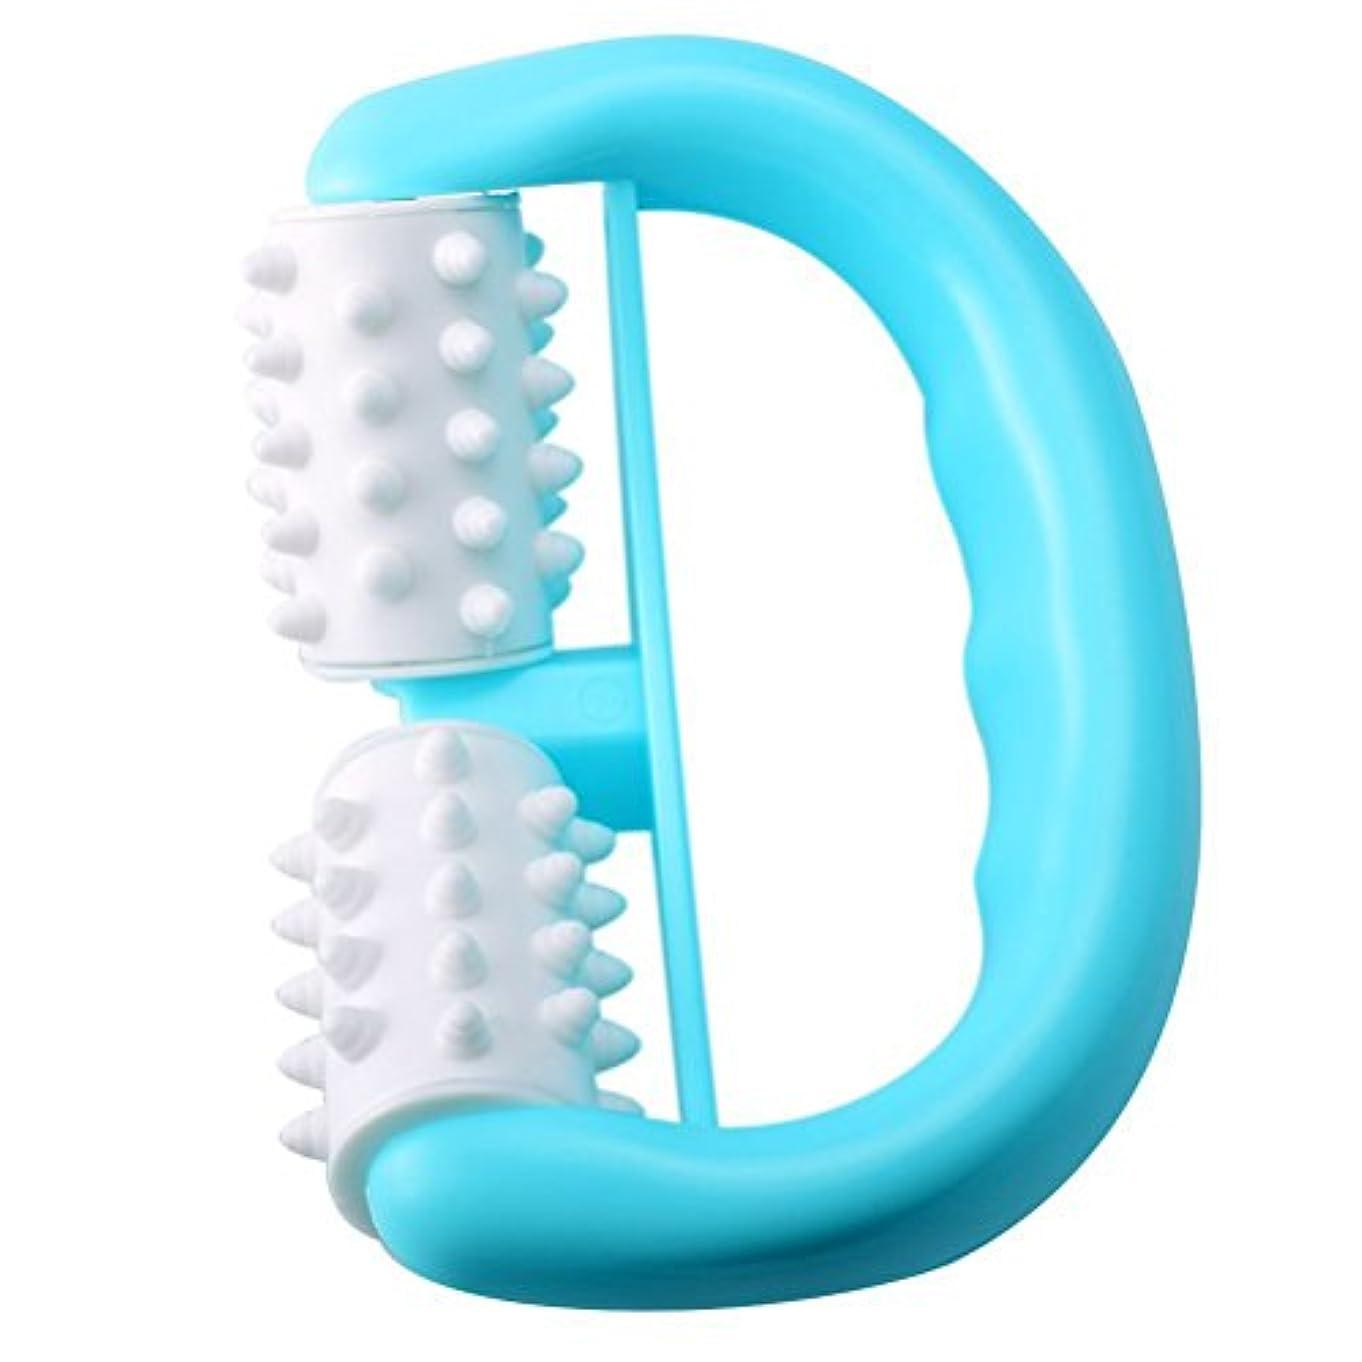 突進恥ずかしさ描写ROSENICE セルライトマッサージャー深部組織筋筋肉解放ツールボディセラピーマッサージファットブラスター(青)